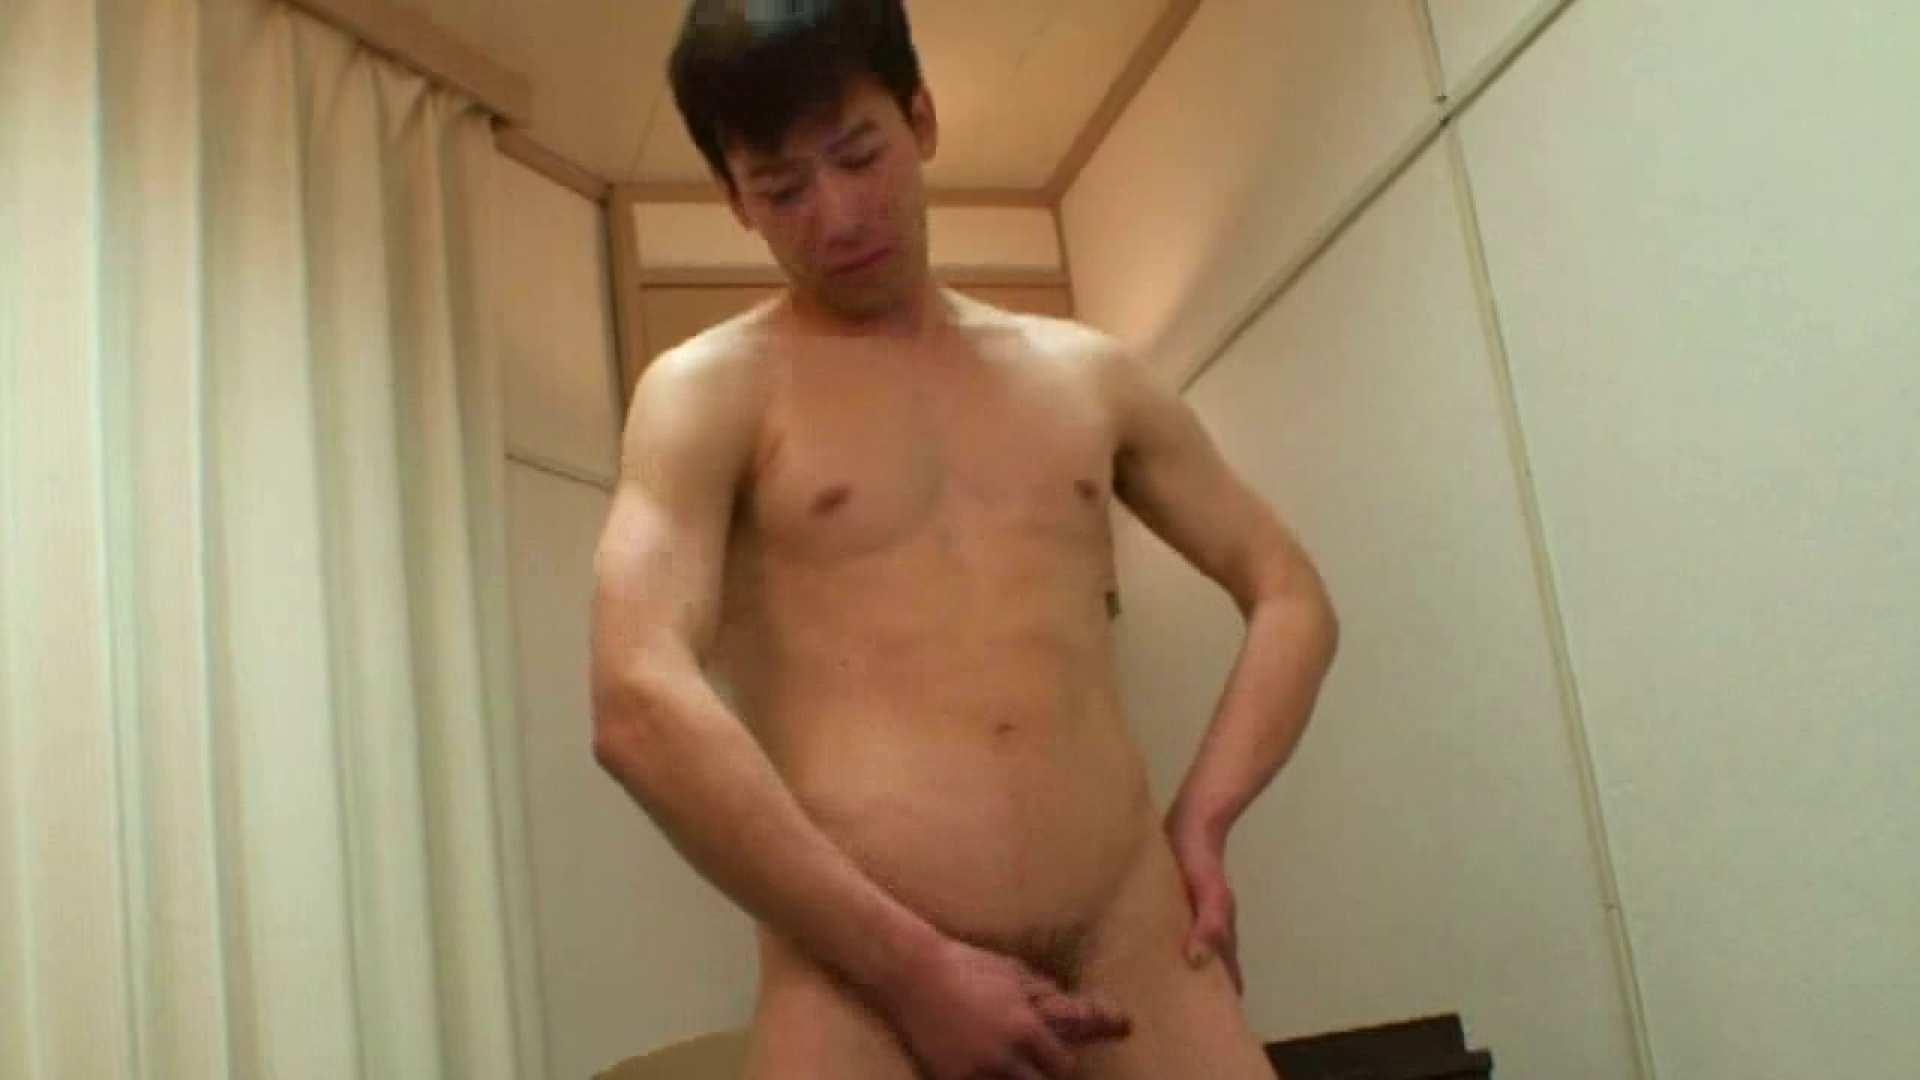 ノンケ!自慰スタジオ No.19 ノンケ  97pic 76